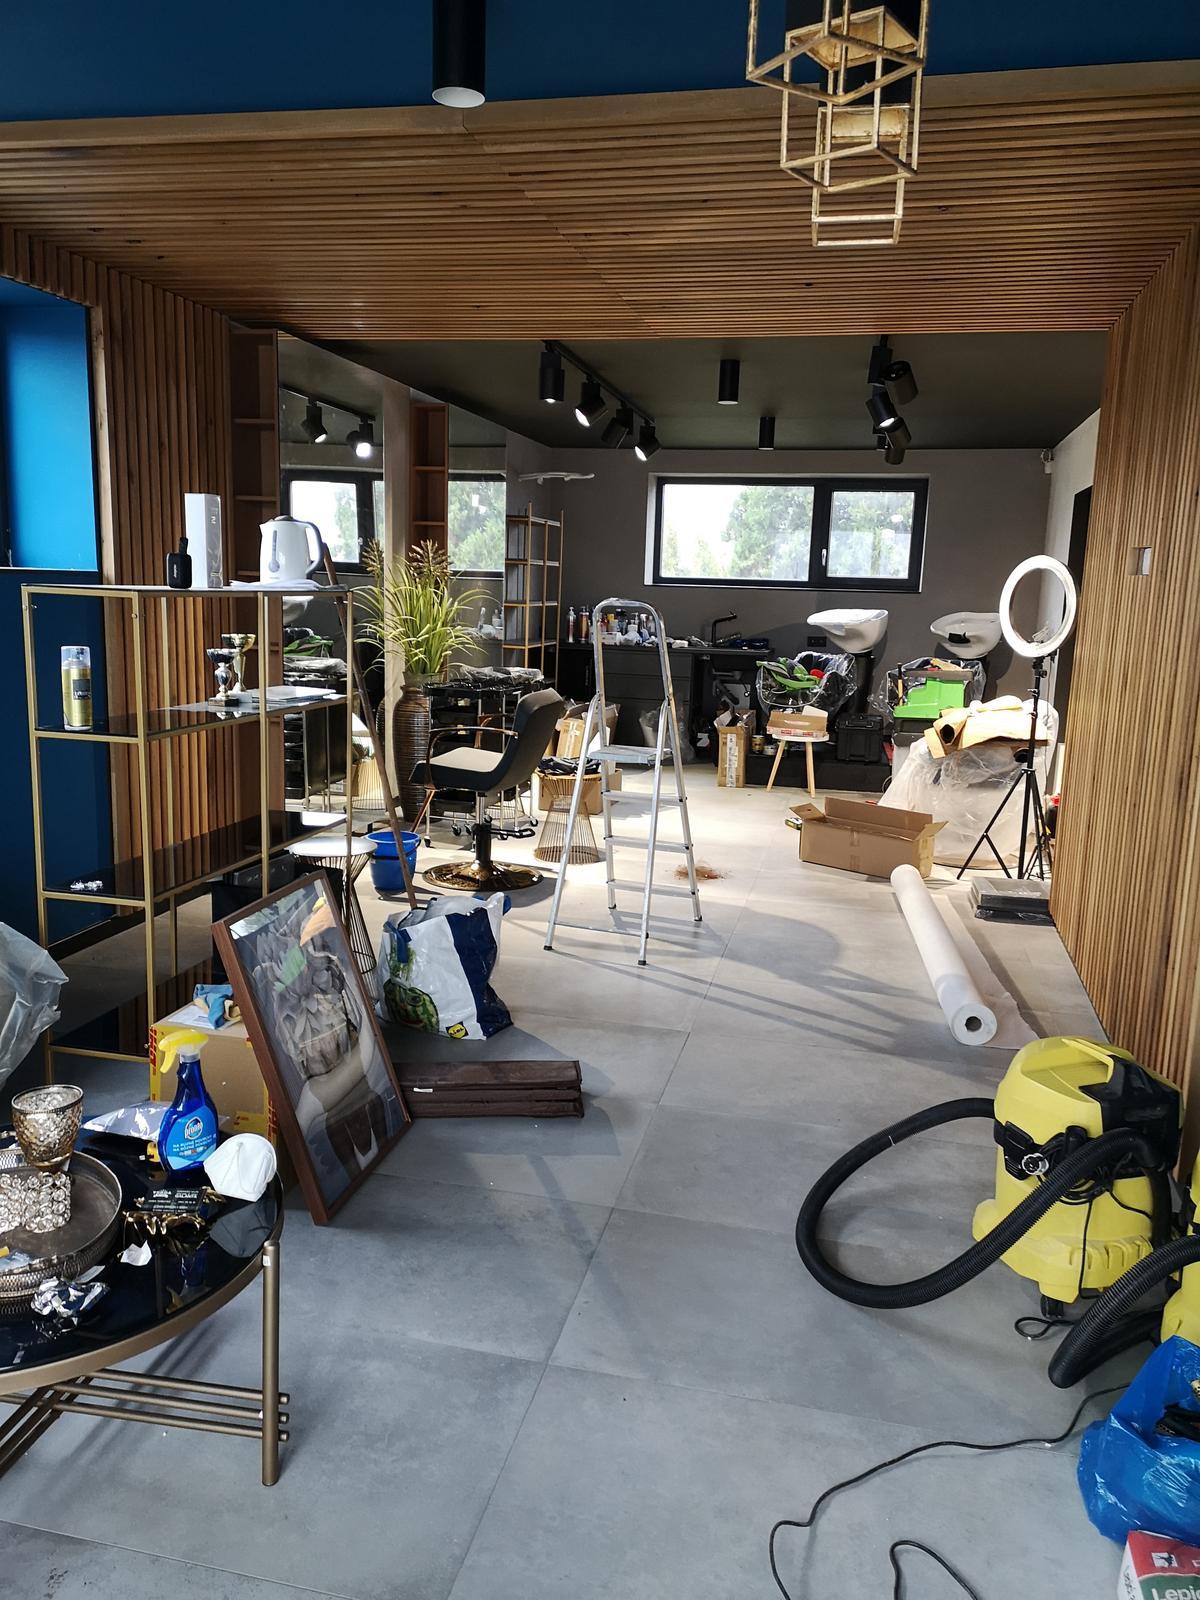 Rekonstrukcia RD - Dedinsky salon posledne doladovacky